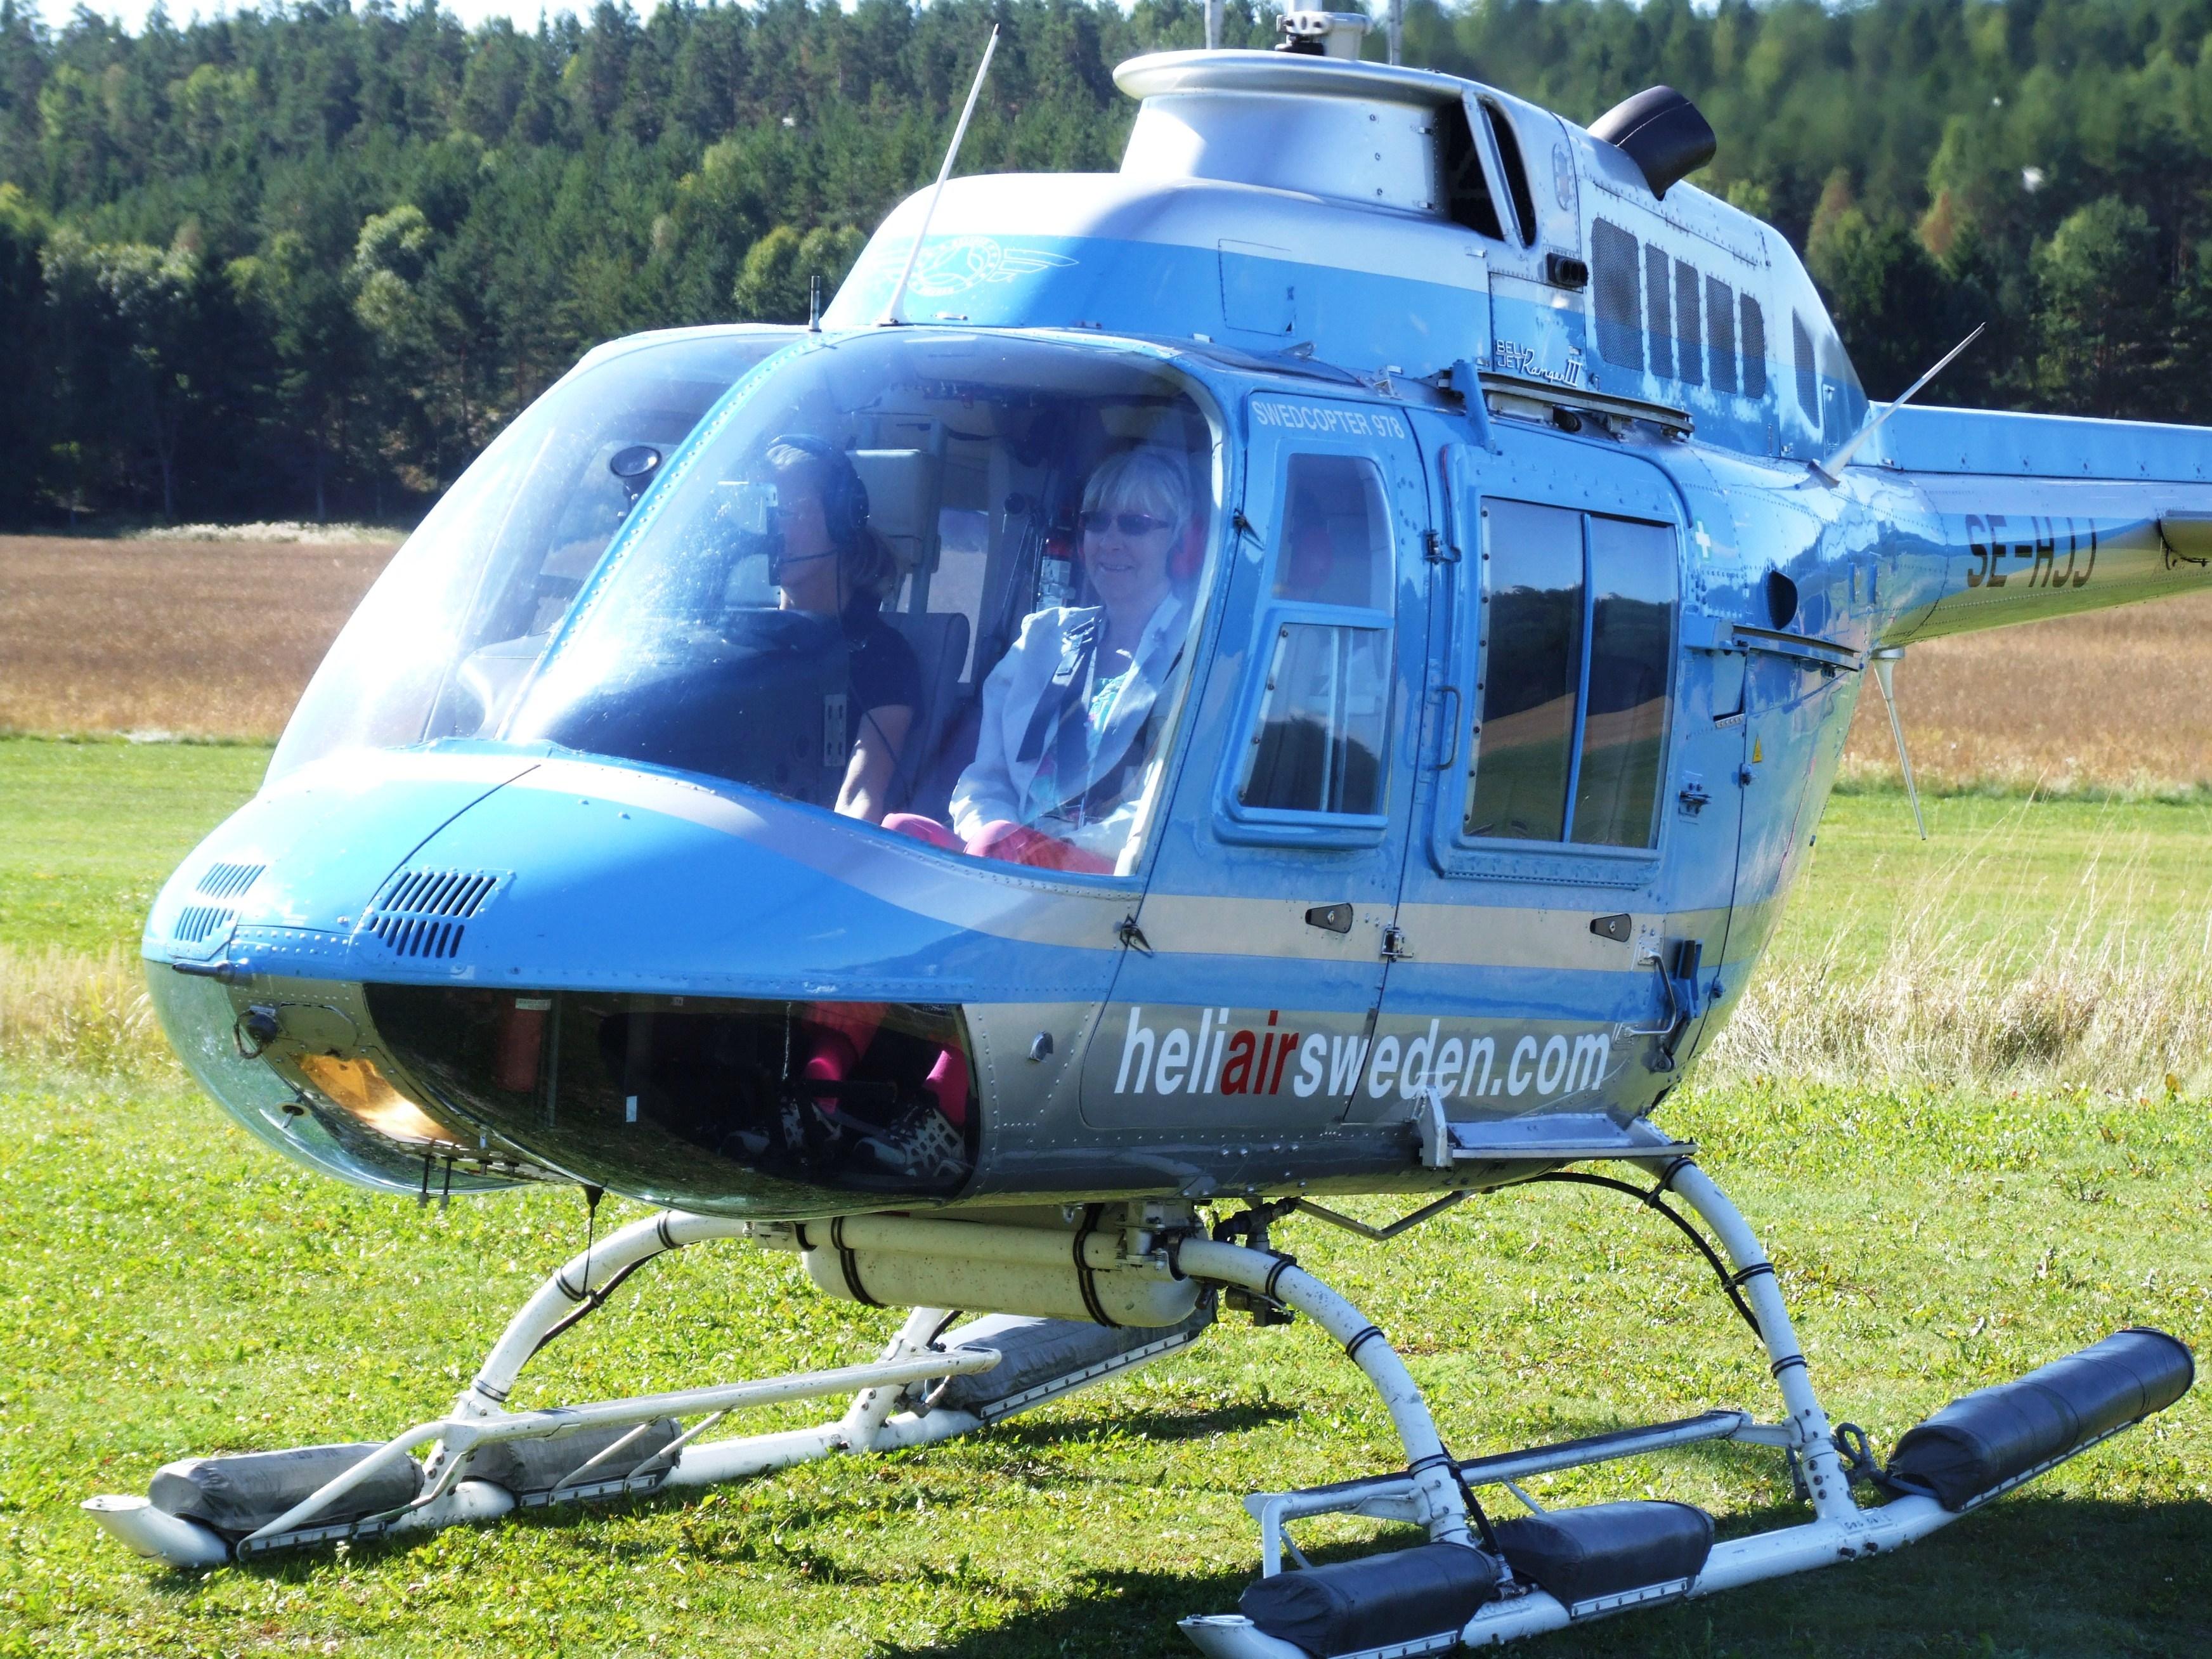 Den 12 juni håller Trosa flygklubb öppet hus för alla som är intresserade av flygning. Det finns möjlighet att ta prova på lektioner för 400 kronor och att flyga helikopter. Vi öppnar kl 10 och håller på fram till kl…